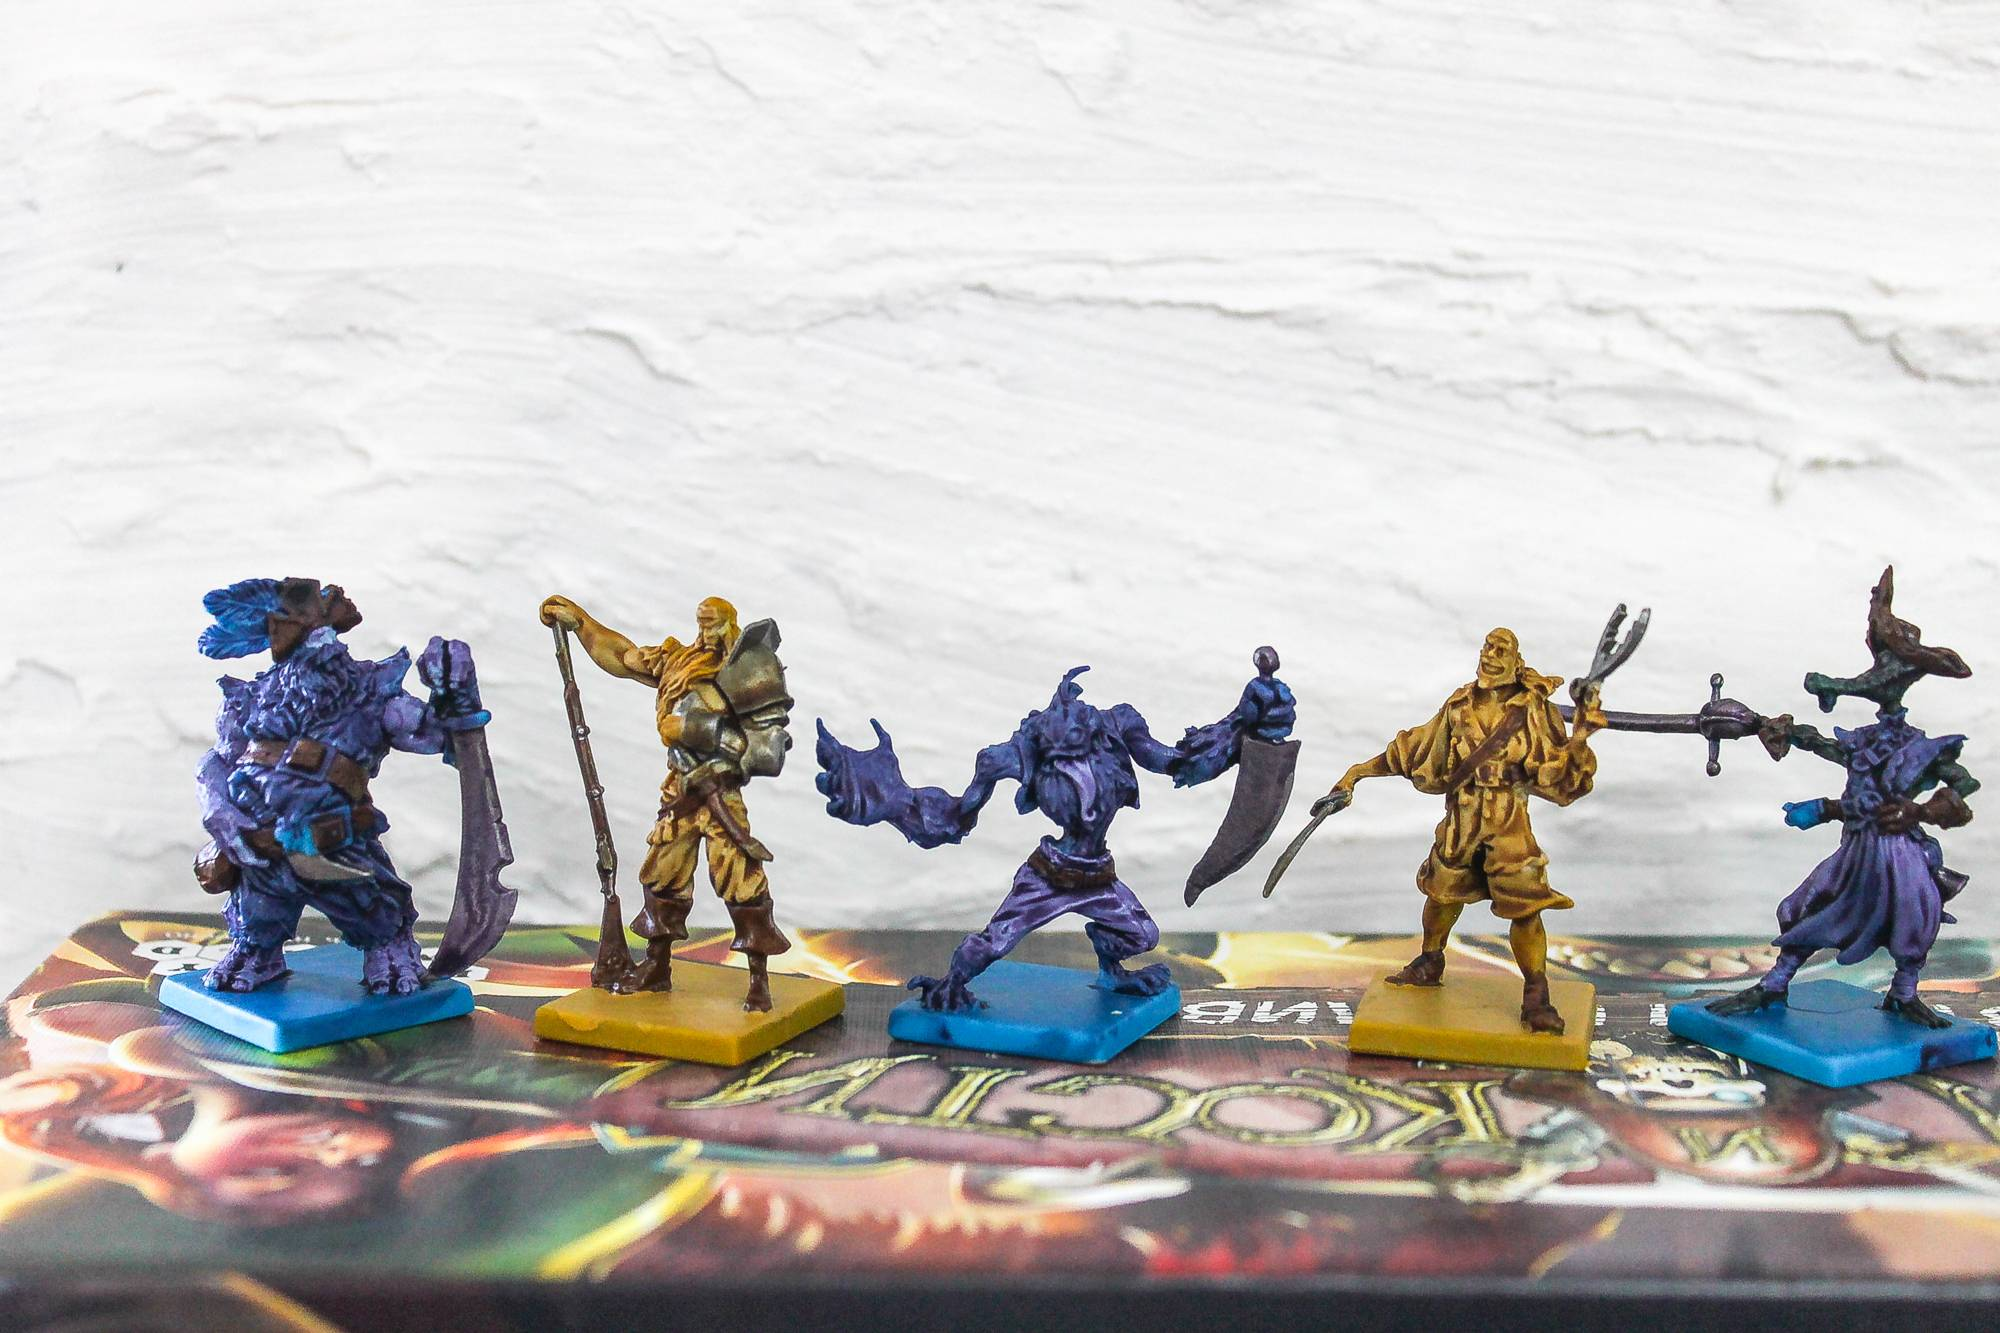 Фото: только поглядите на эти миниатюры пиратов из новой настолки!